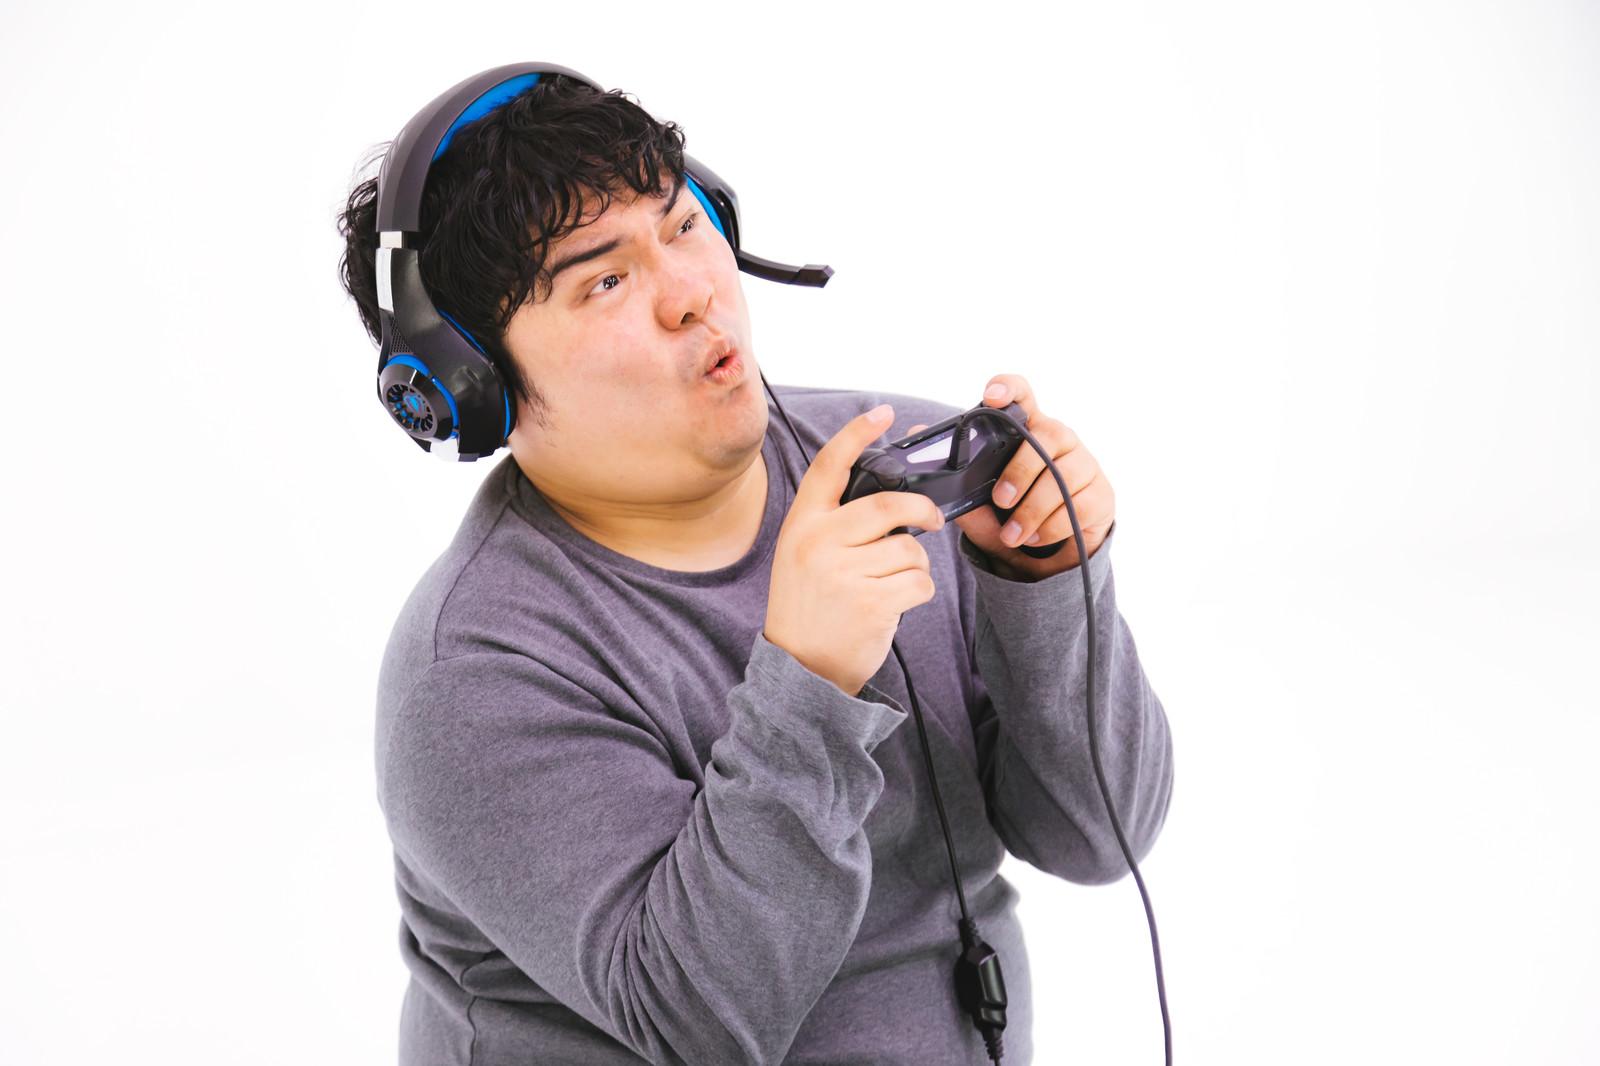 ゲームをやっている太った男性